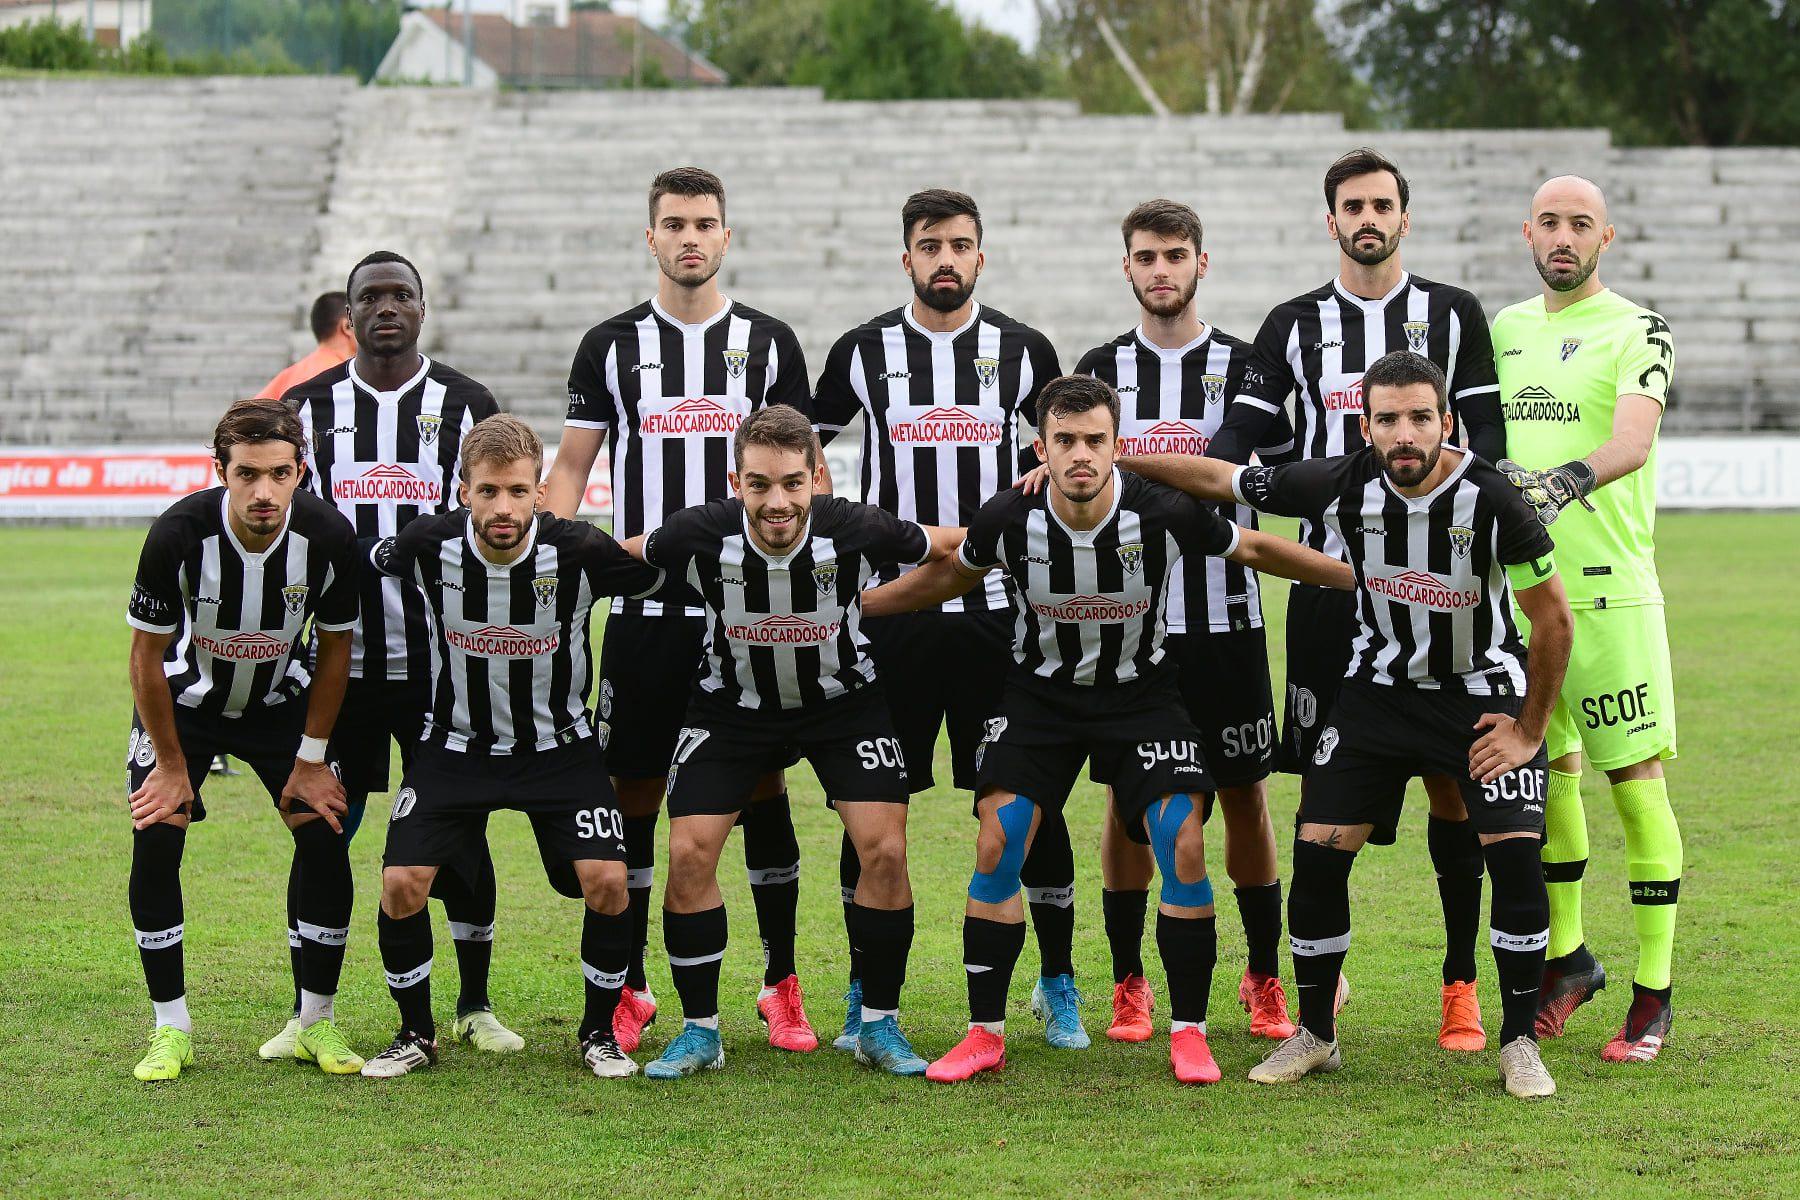 Amarante despachou o União da Madeira com goleada das antigas (8/0)